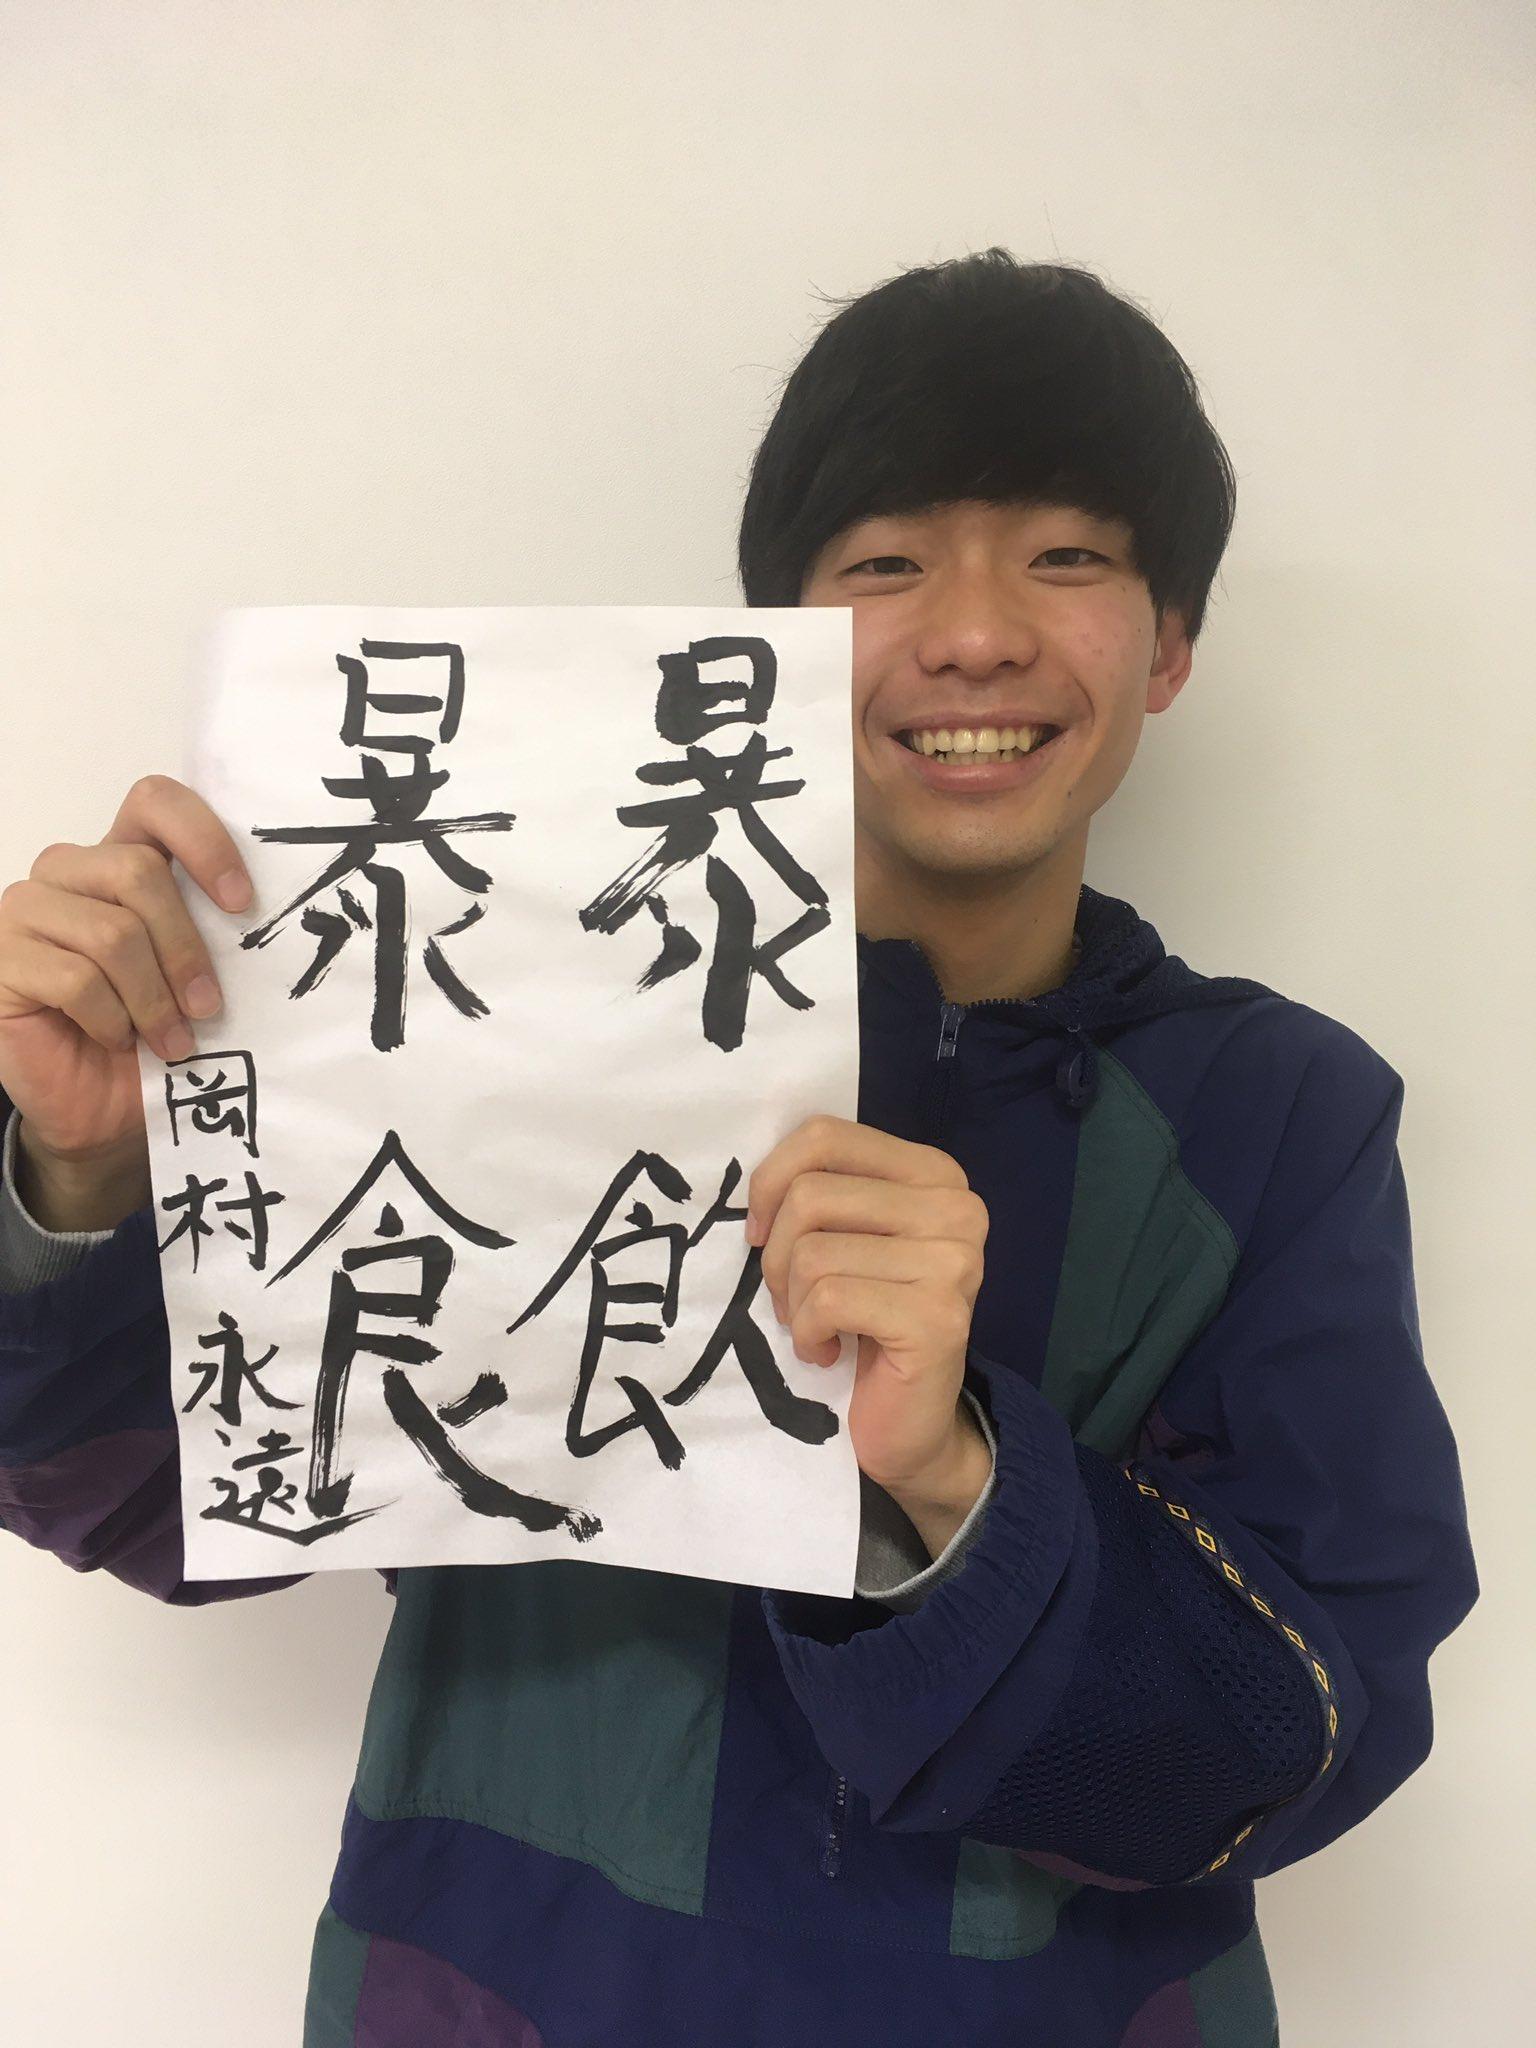 チムニー岡村永遠のインスタ画像やプロフィール